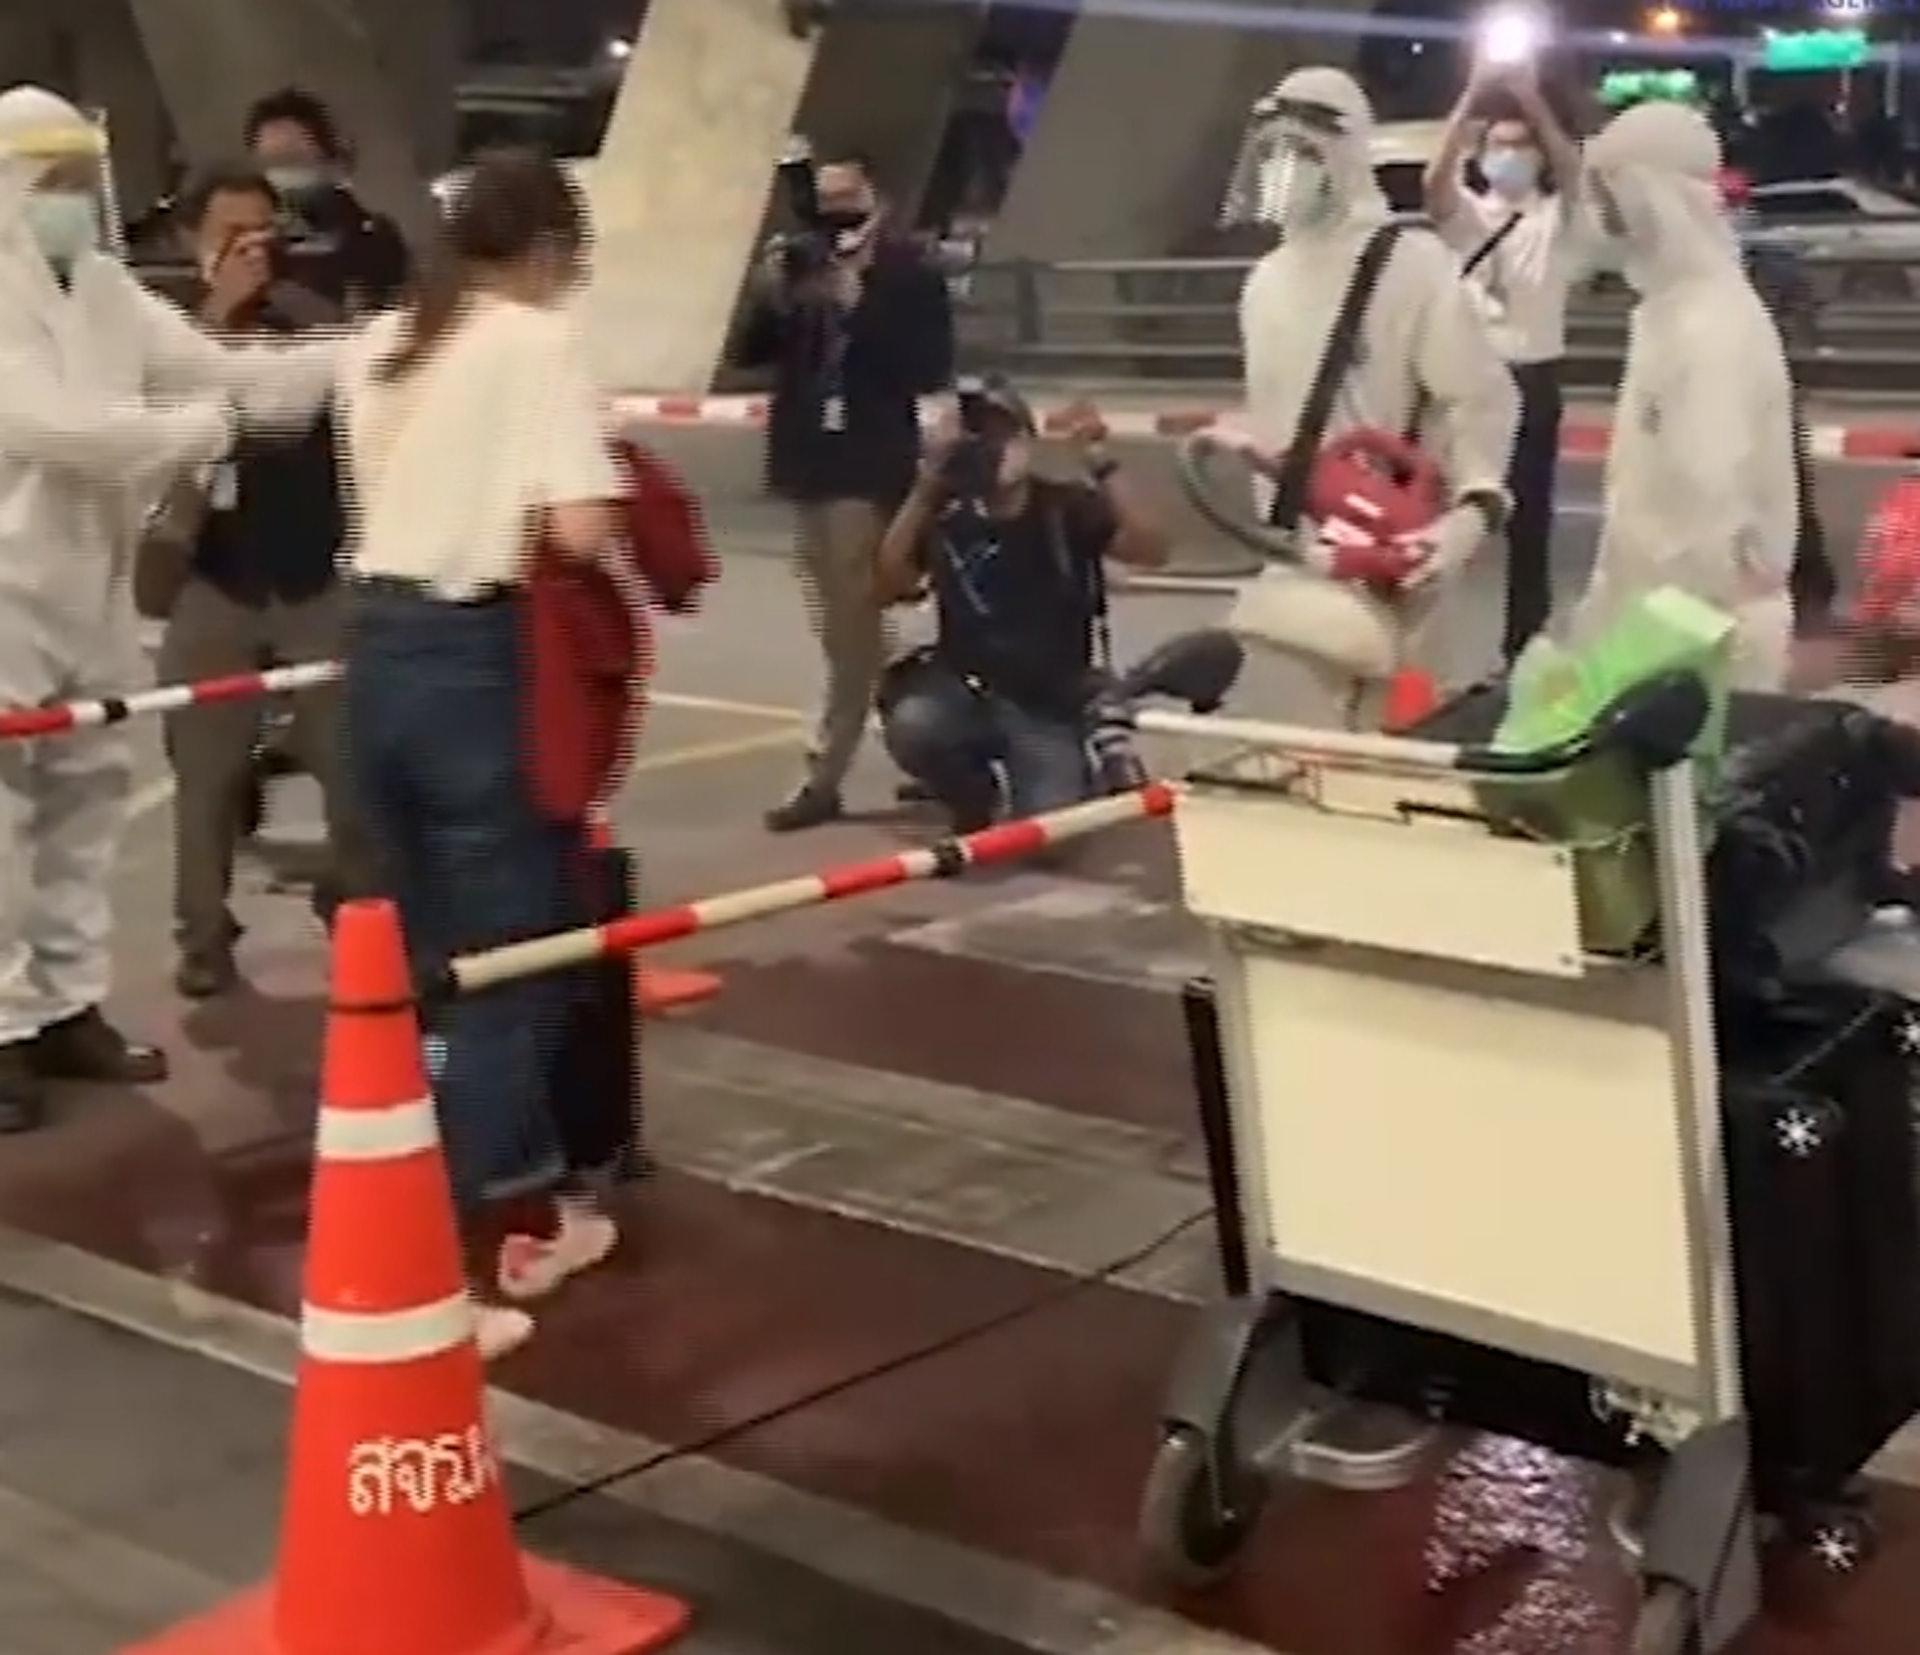 41名ä¸-國遊客離開機å′後隨å3被帶往指定å′所隔離14天。(影片æˆa圖)